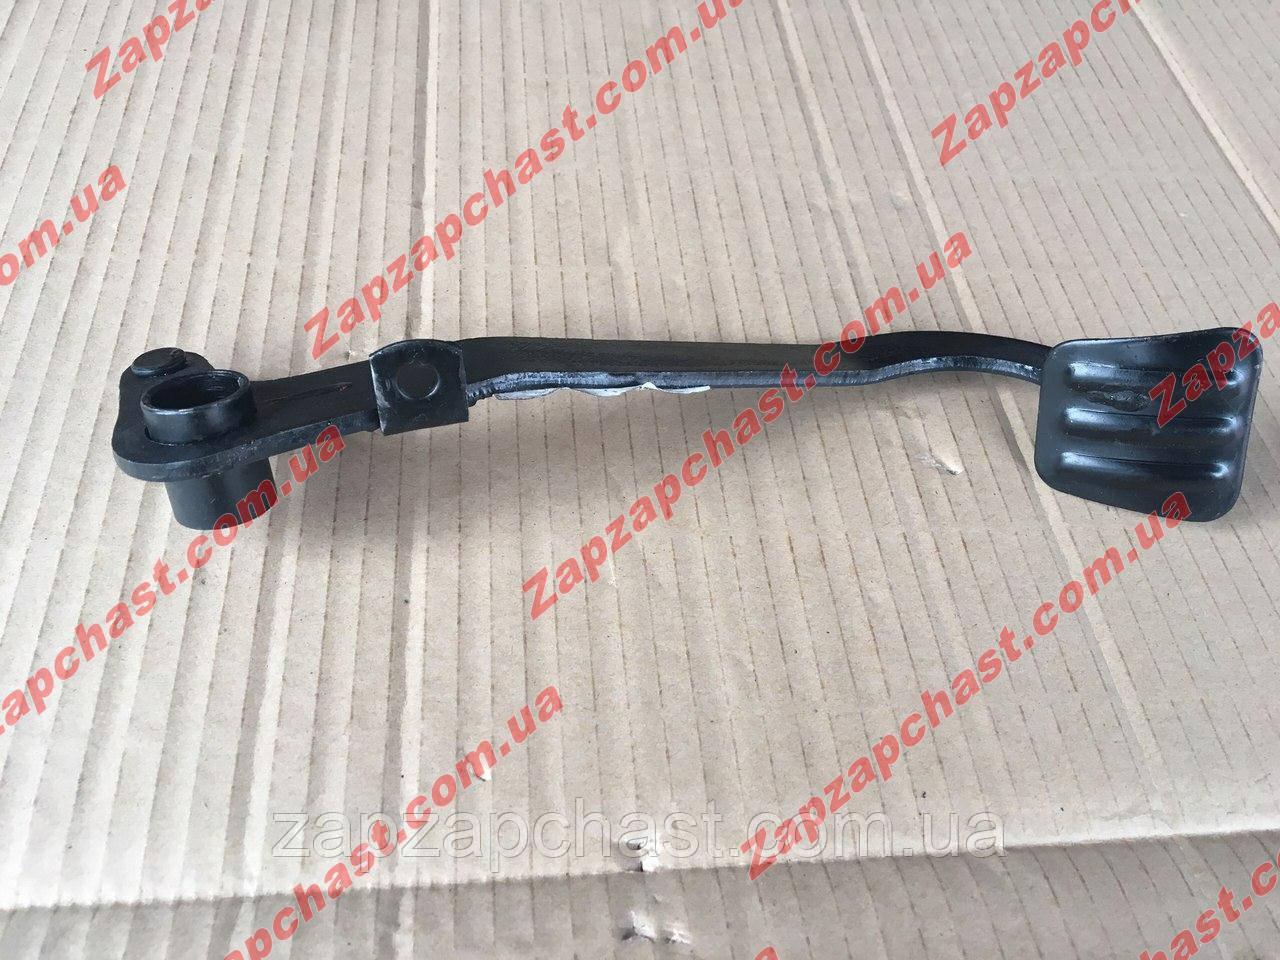 Педаль привода сцепления заз 1102 1103 таври славута 1102-1602010